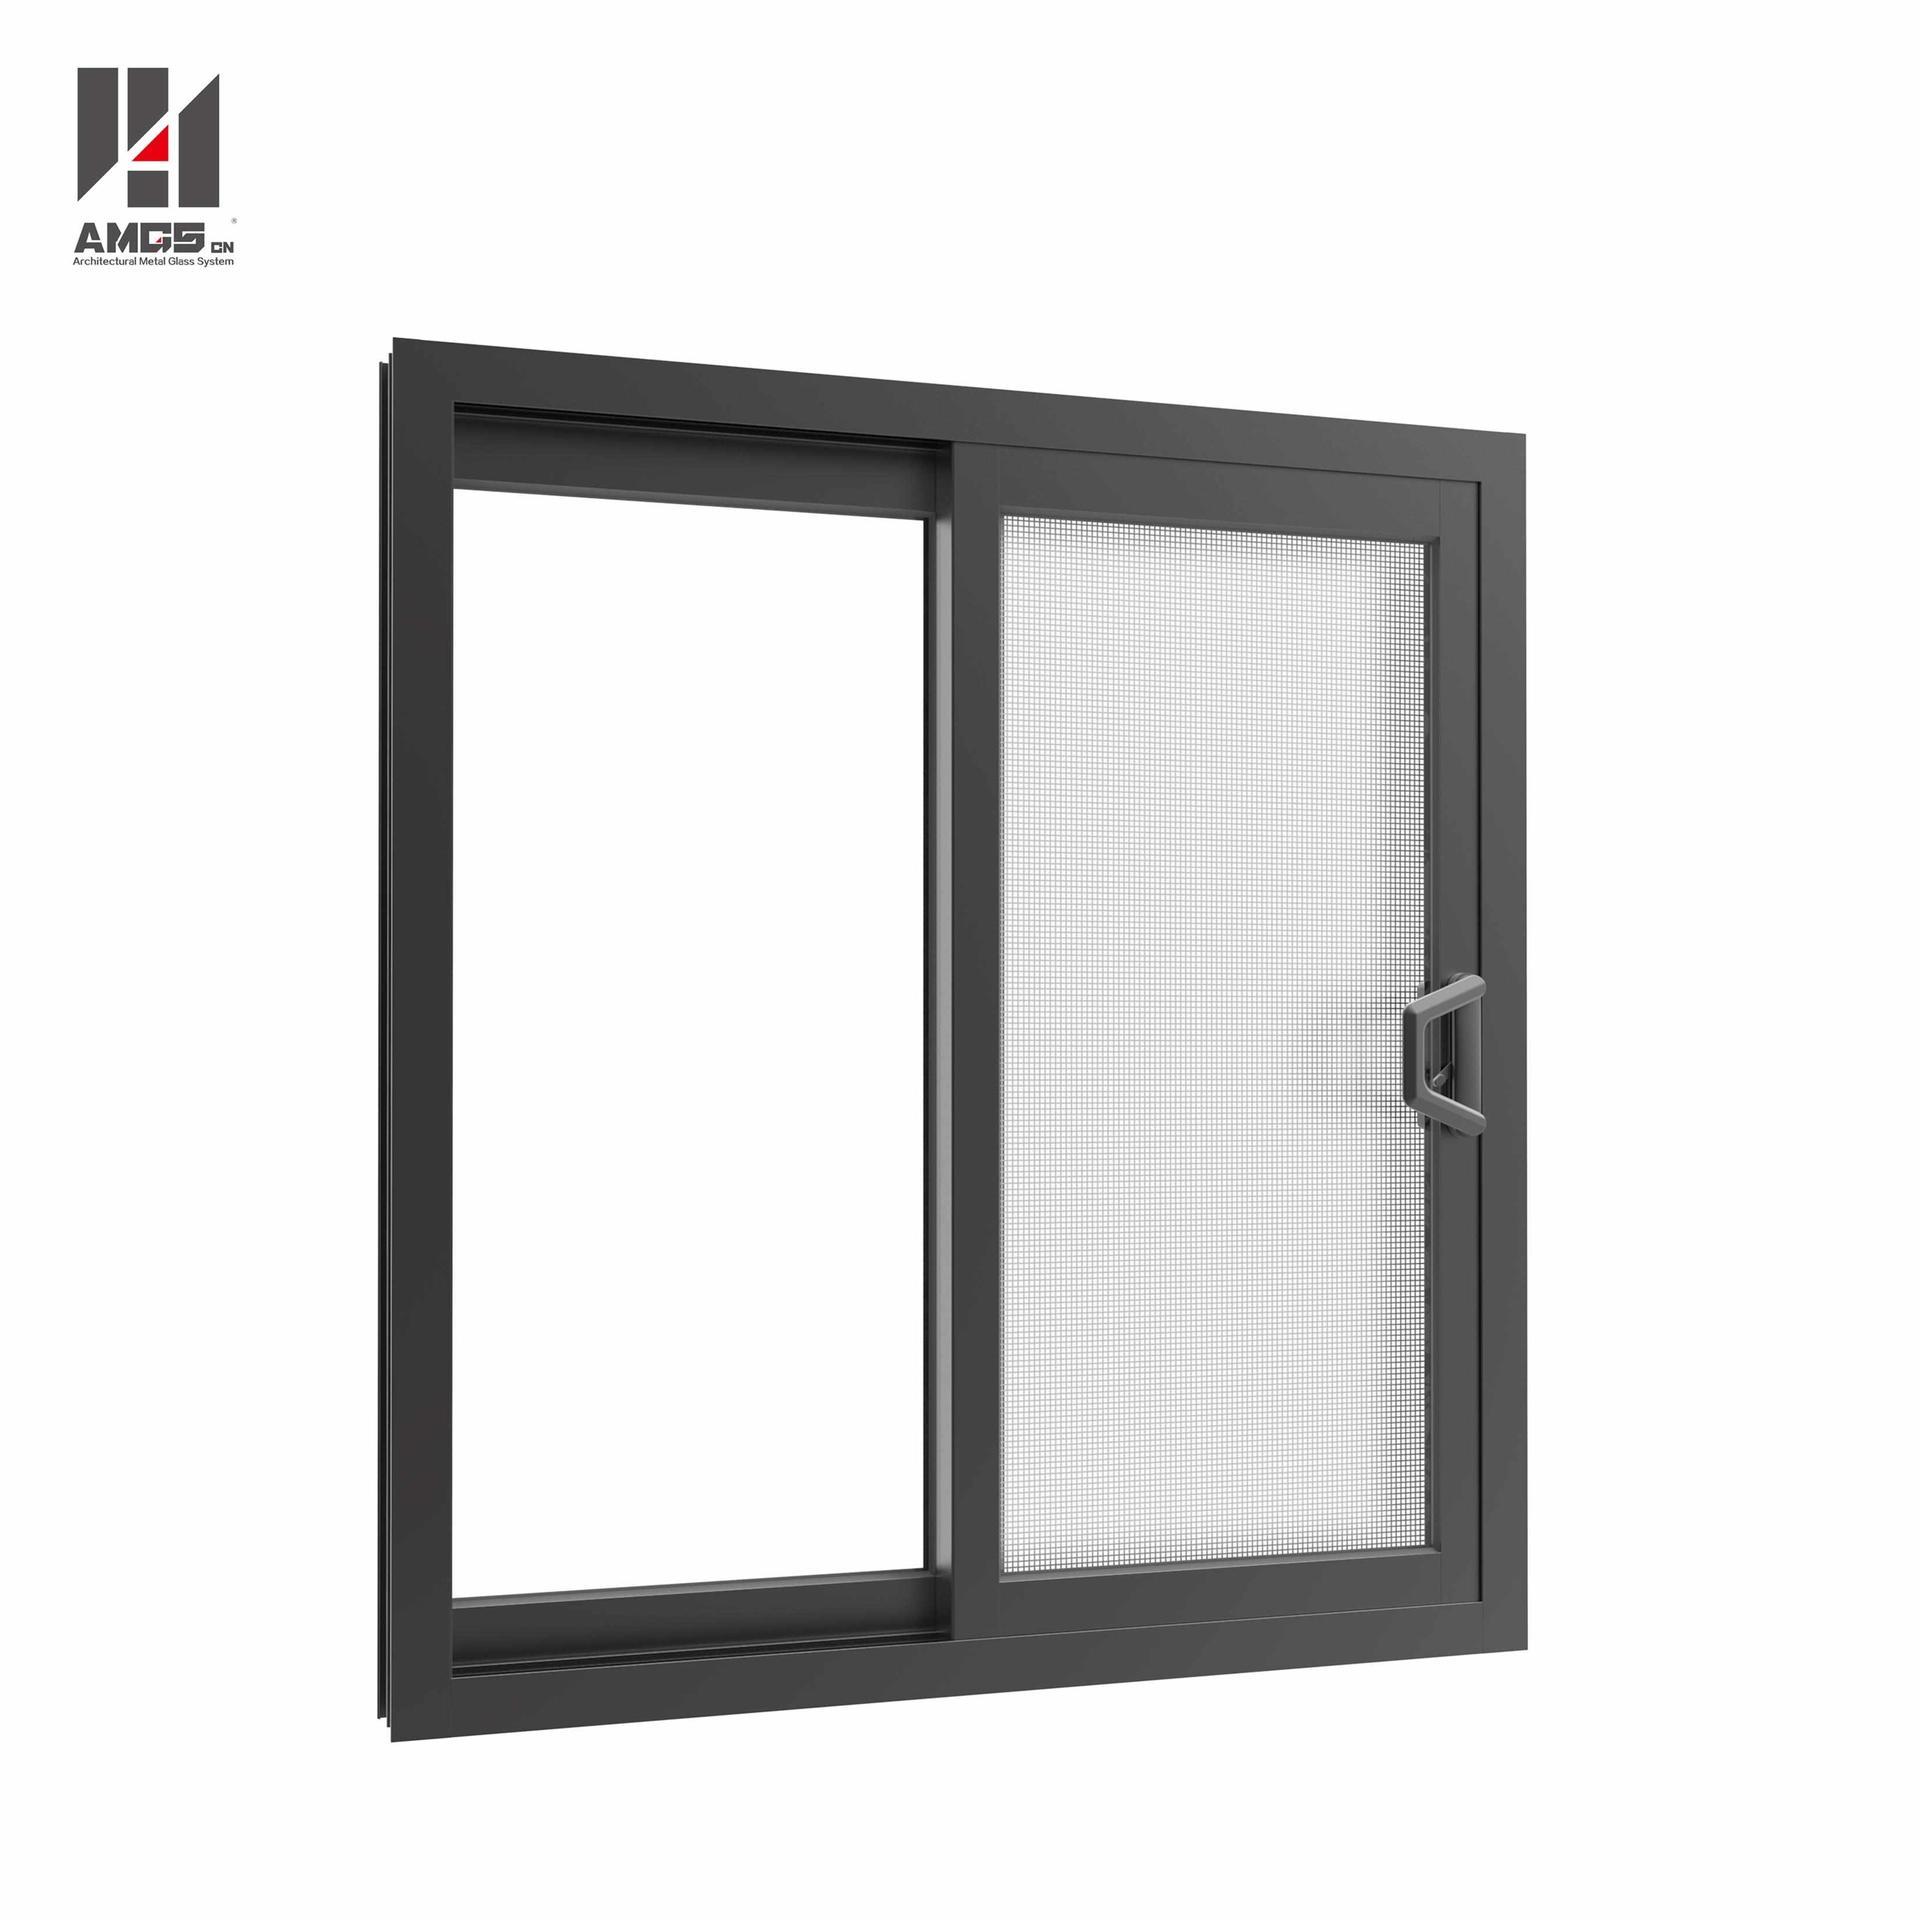 Australia Style Aluminium Sliding Window With Double Glazing